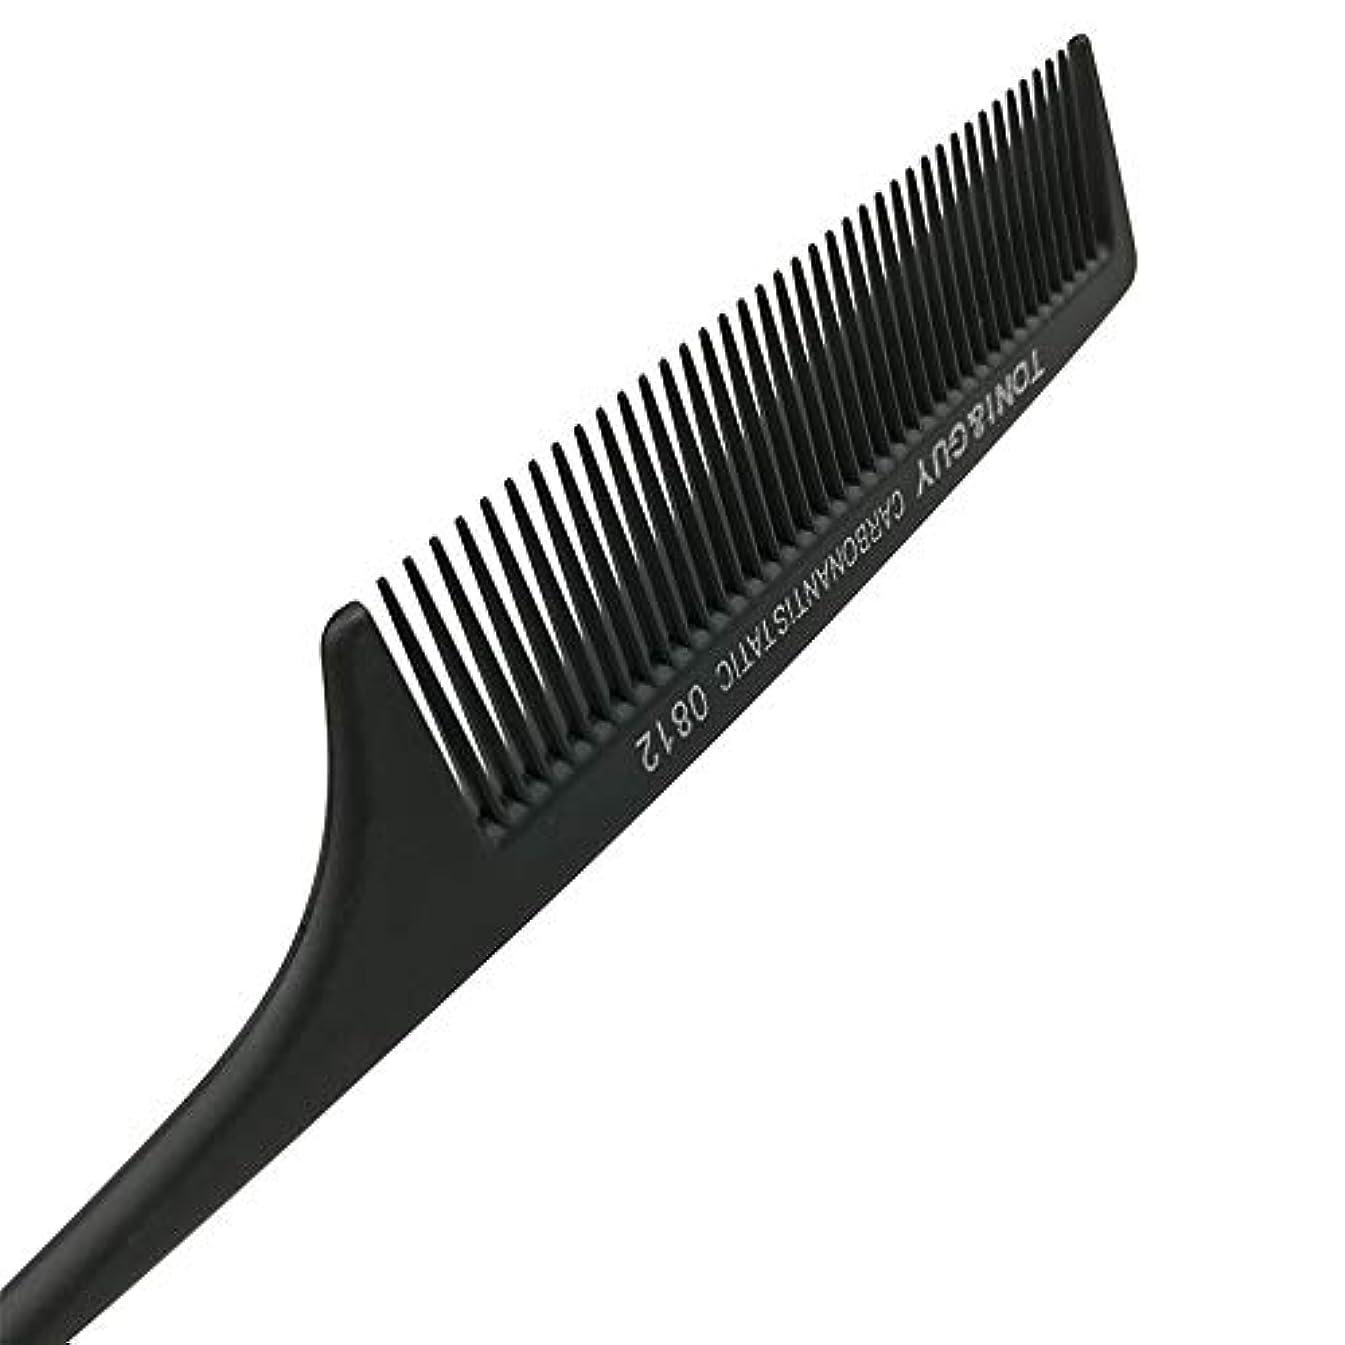 振り返るダーリン悪名高いくし帯電防止耐熱美容師特別尖った尾くし黒ニードルテール モデリングツール (色 : 黒)